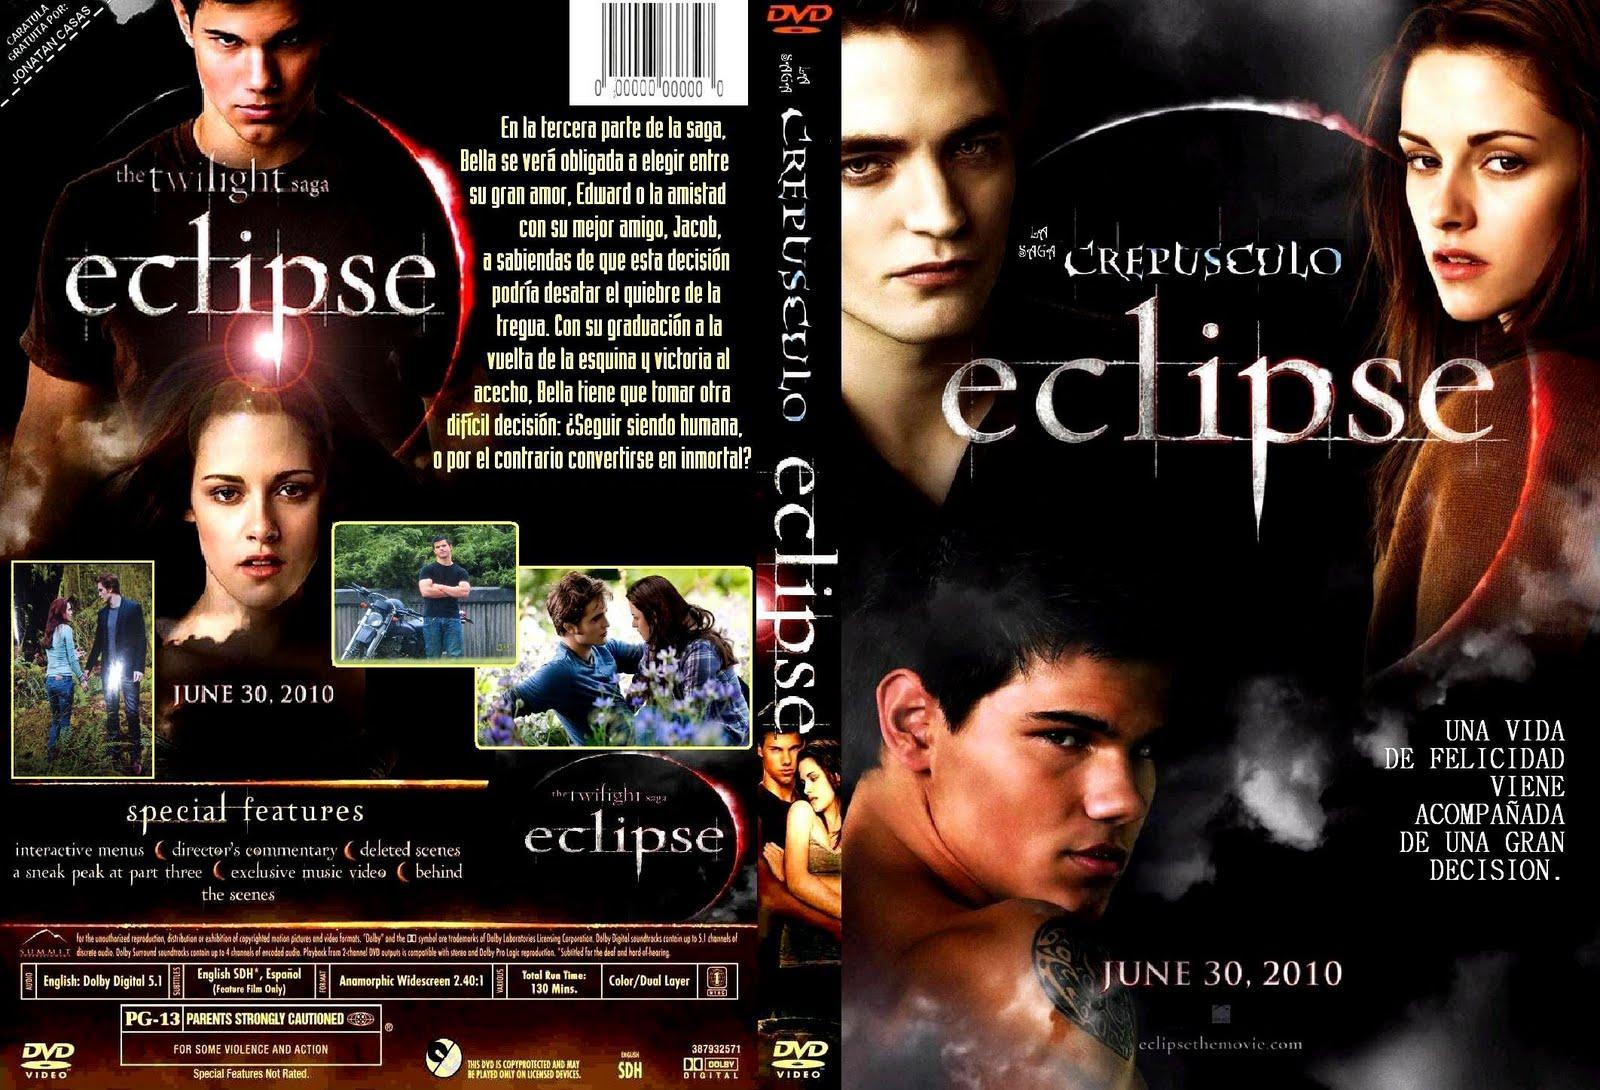 http://4.bp.blogspot.com/_R8FMZIDmtTY/TIY_0dlysII/AAAAAAAAC28/lSlE2IrqwH0/s1600/Eclipse_-_2010_-_Custom_por_jonatan_casas.jpg